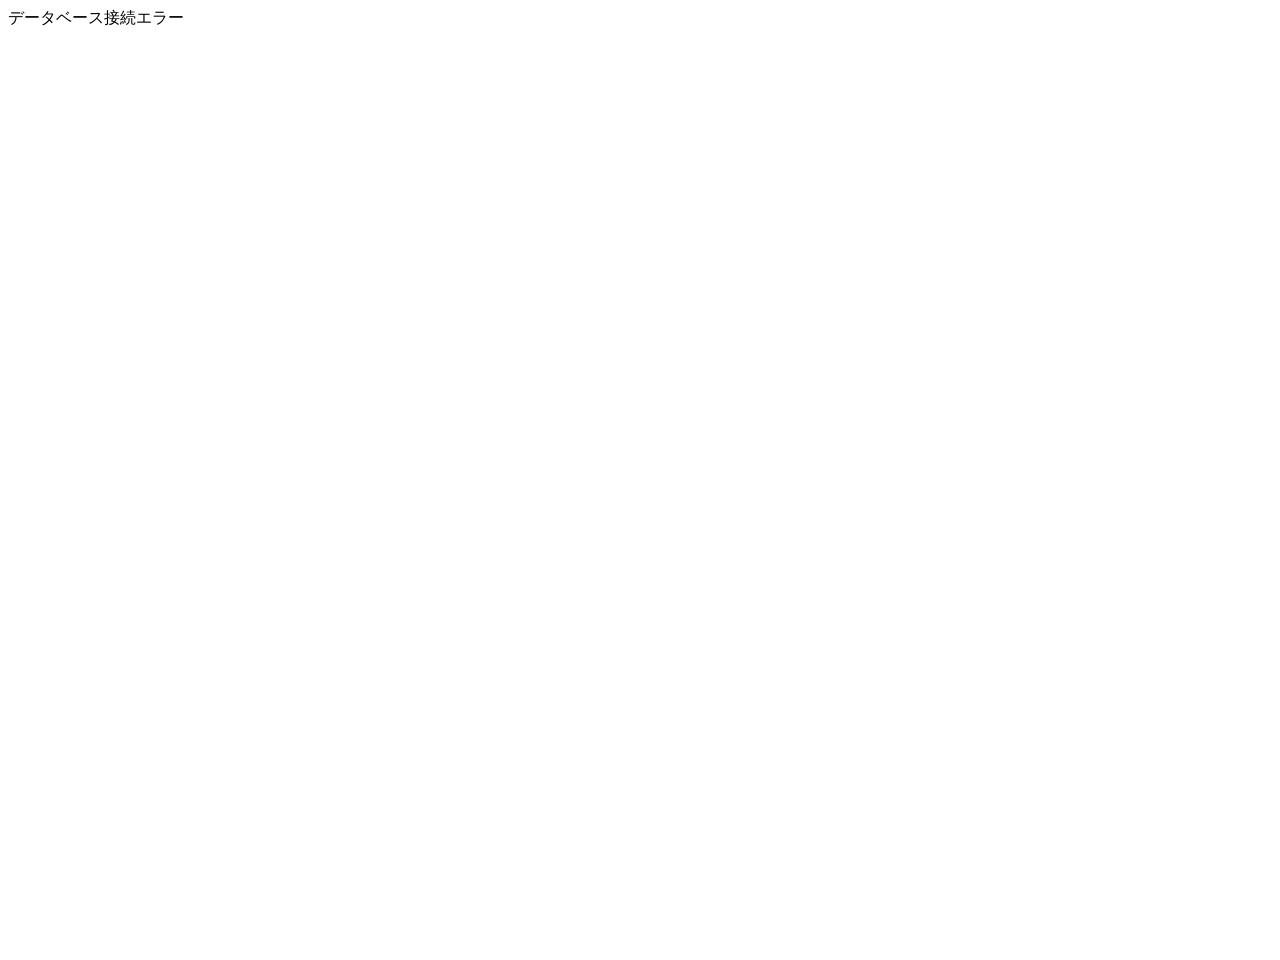 愛知県名古屋市のリサイクルショップ【リサイクルパーク】